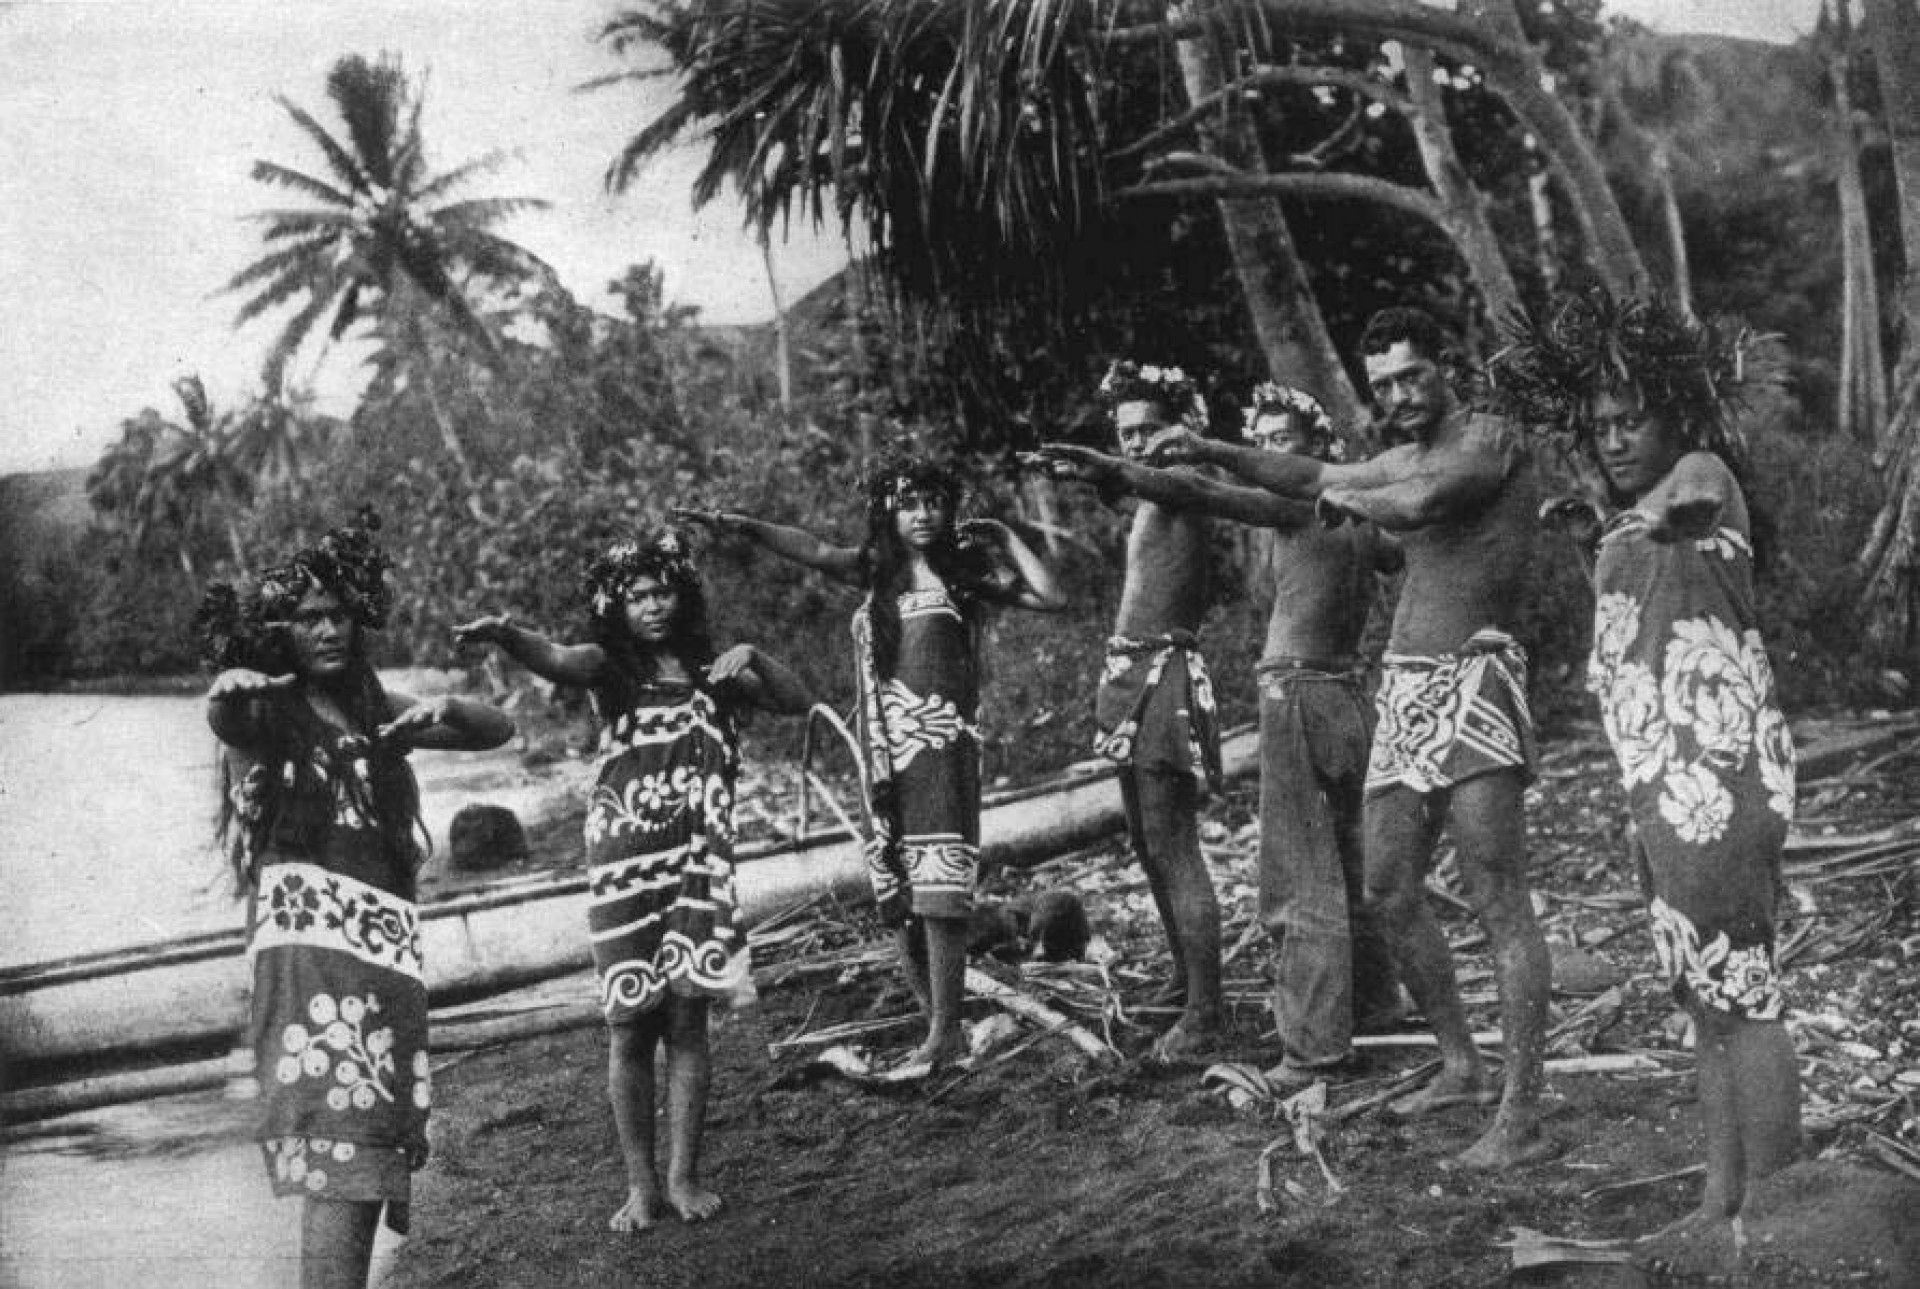 Dançarinos de Hiva Oa vestidos de pareô por volta de 1909